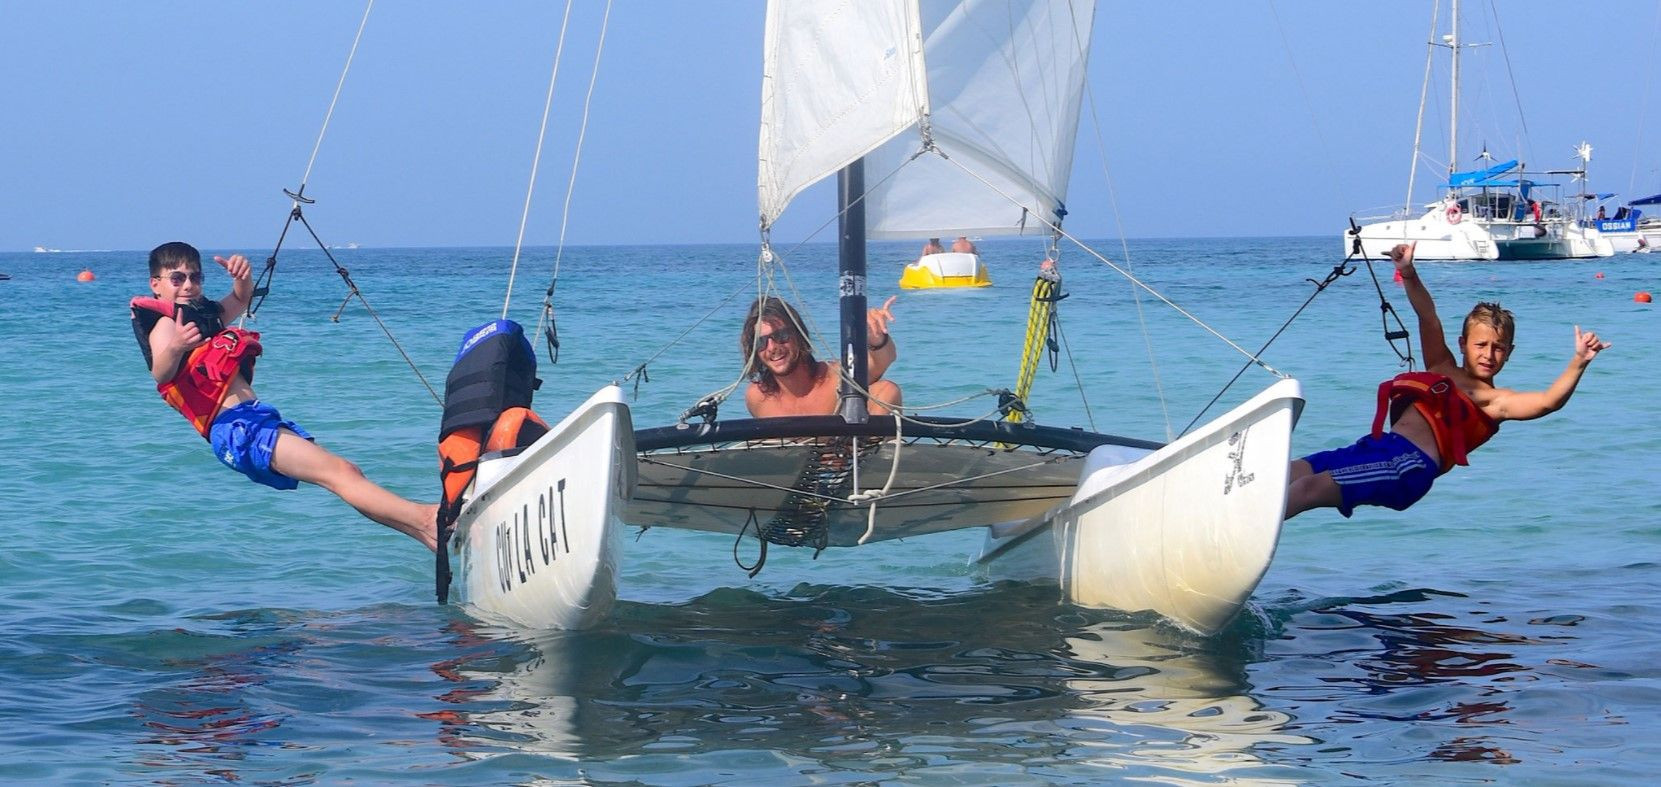 Corso di gruppo di catamarano nel Golfo di Marinella a Olbia